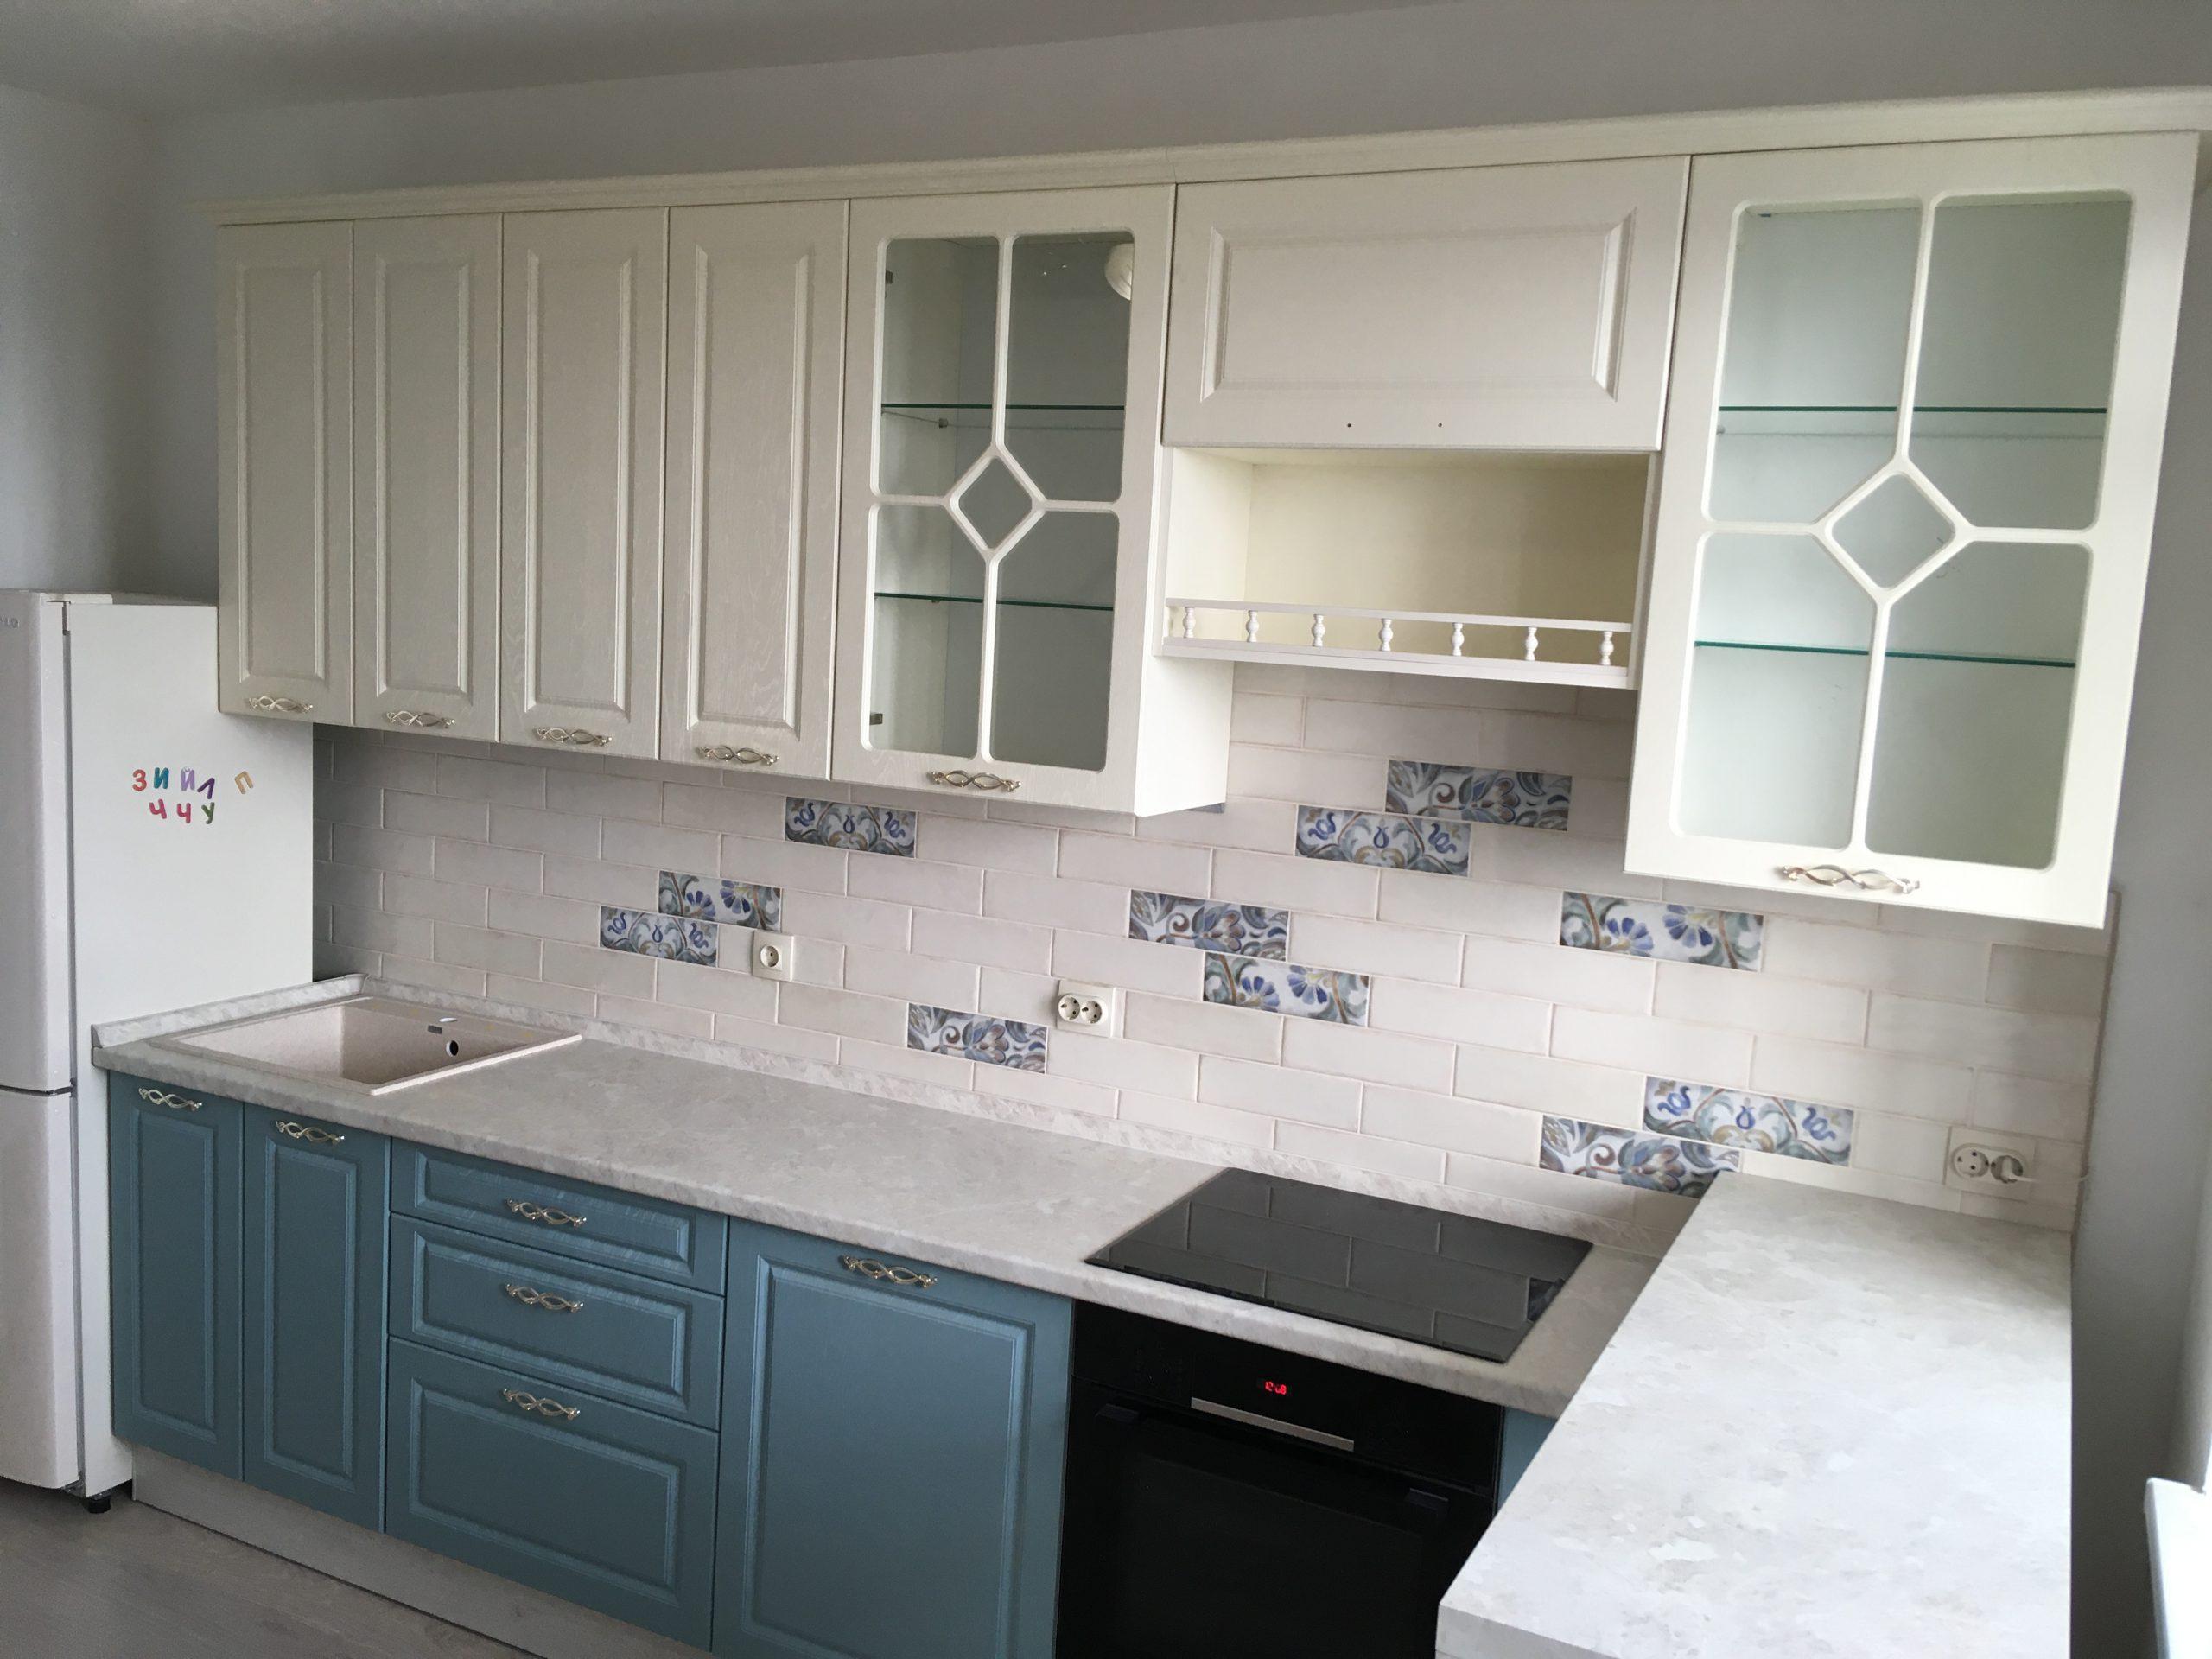 Второе фото Кухня с витринами и белыми и голубыми под дерево фасадами